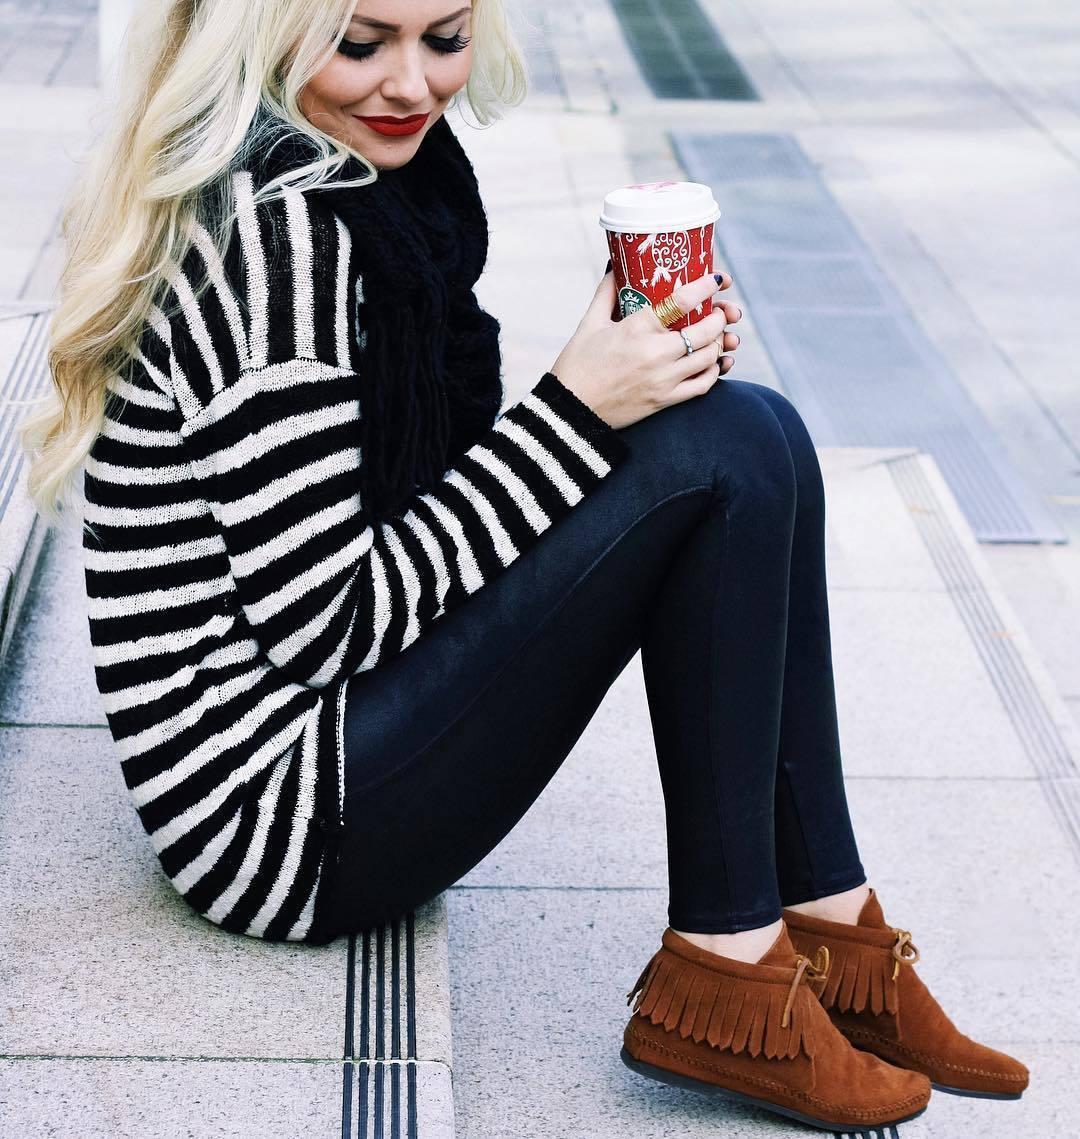 €182 Braunen Wollhut kaufen · Wie kombinieren  weißer und schwarzer  horizontal gestreifter Oversize Pullover, schwarze enge Jeans, rotbraune c0616ca24c